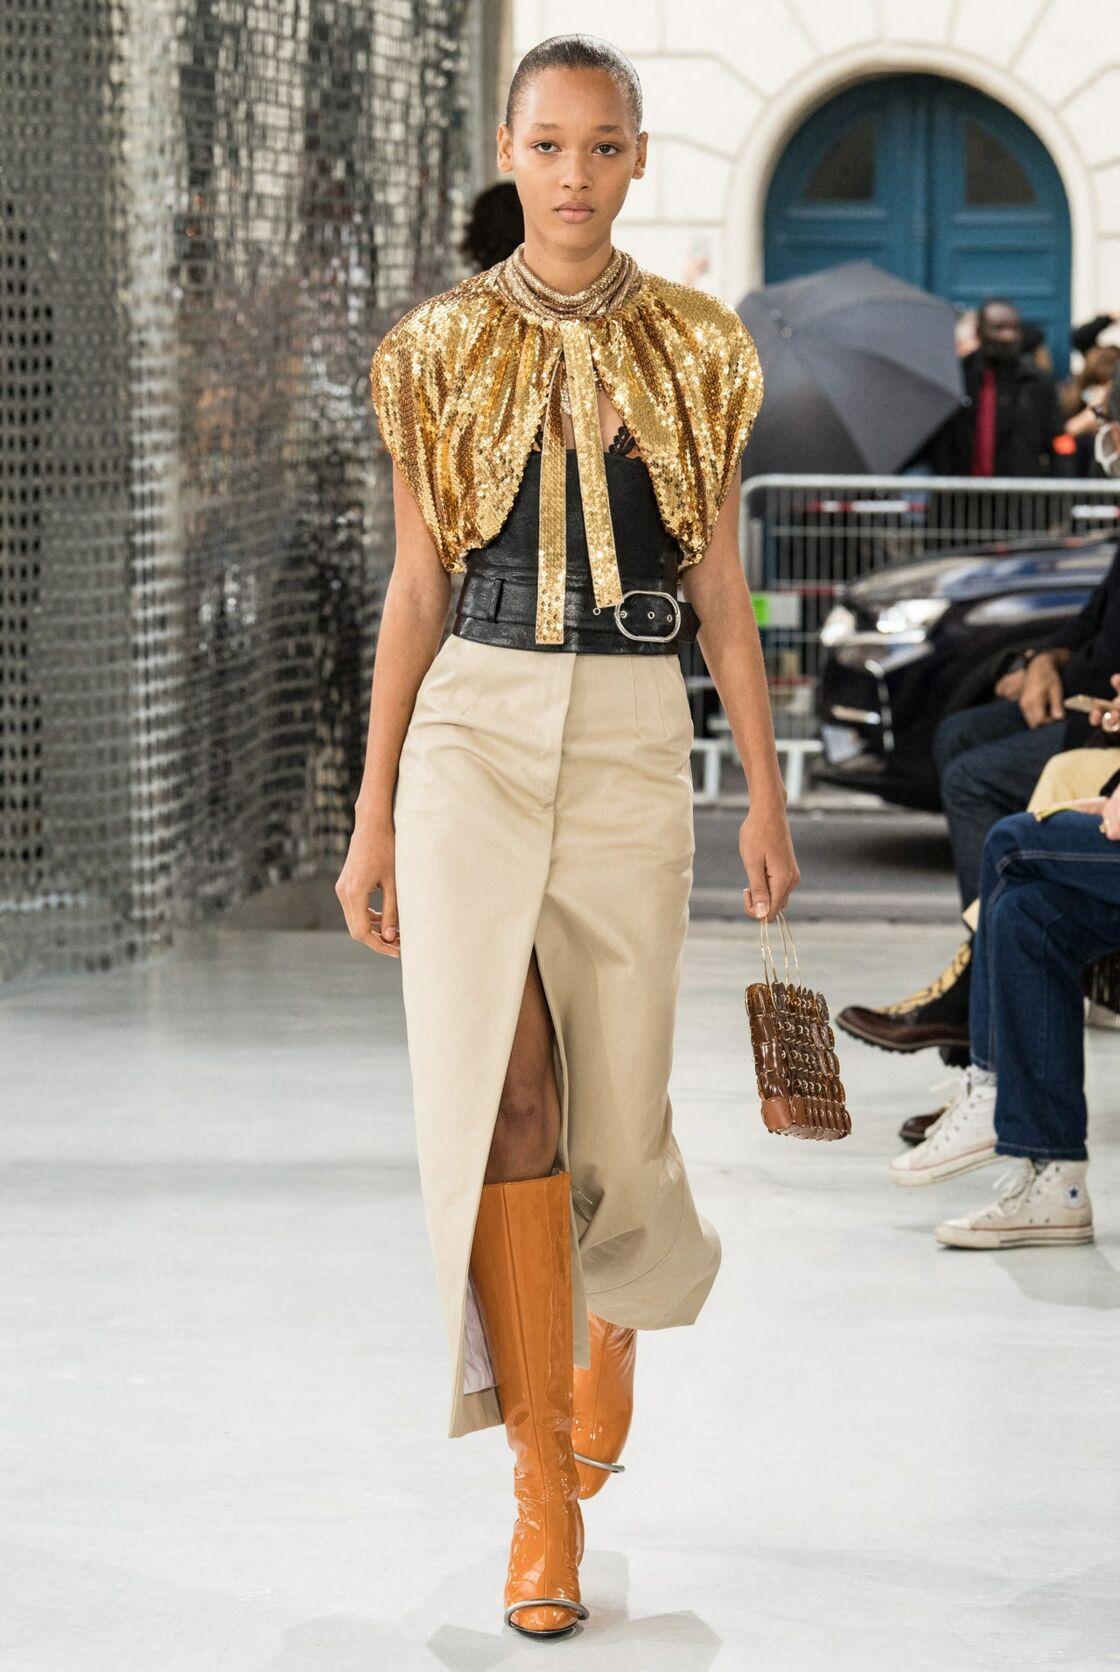 Mixer ungilet doré à un top de lingerie, c'est le style chic de Paco Rabanne pour cet été 2021